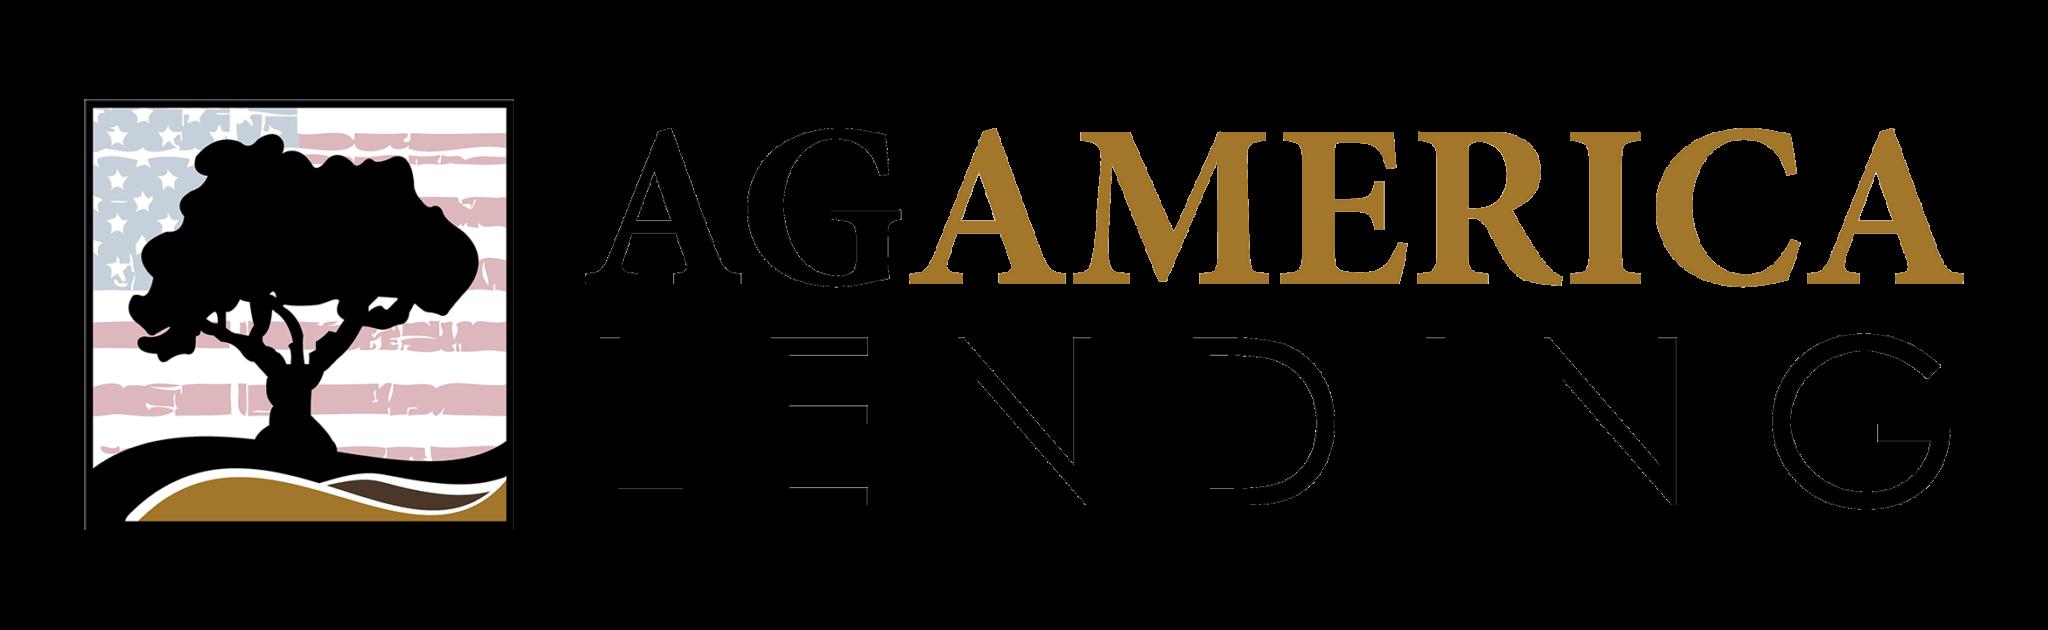 AgAmerica Logo for Catapult Lakeland Corporate Sponsorship